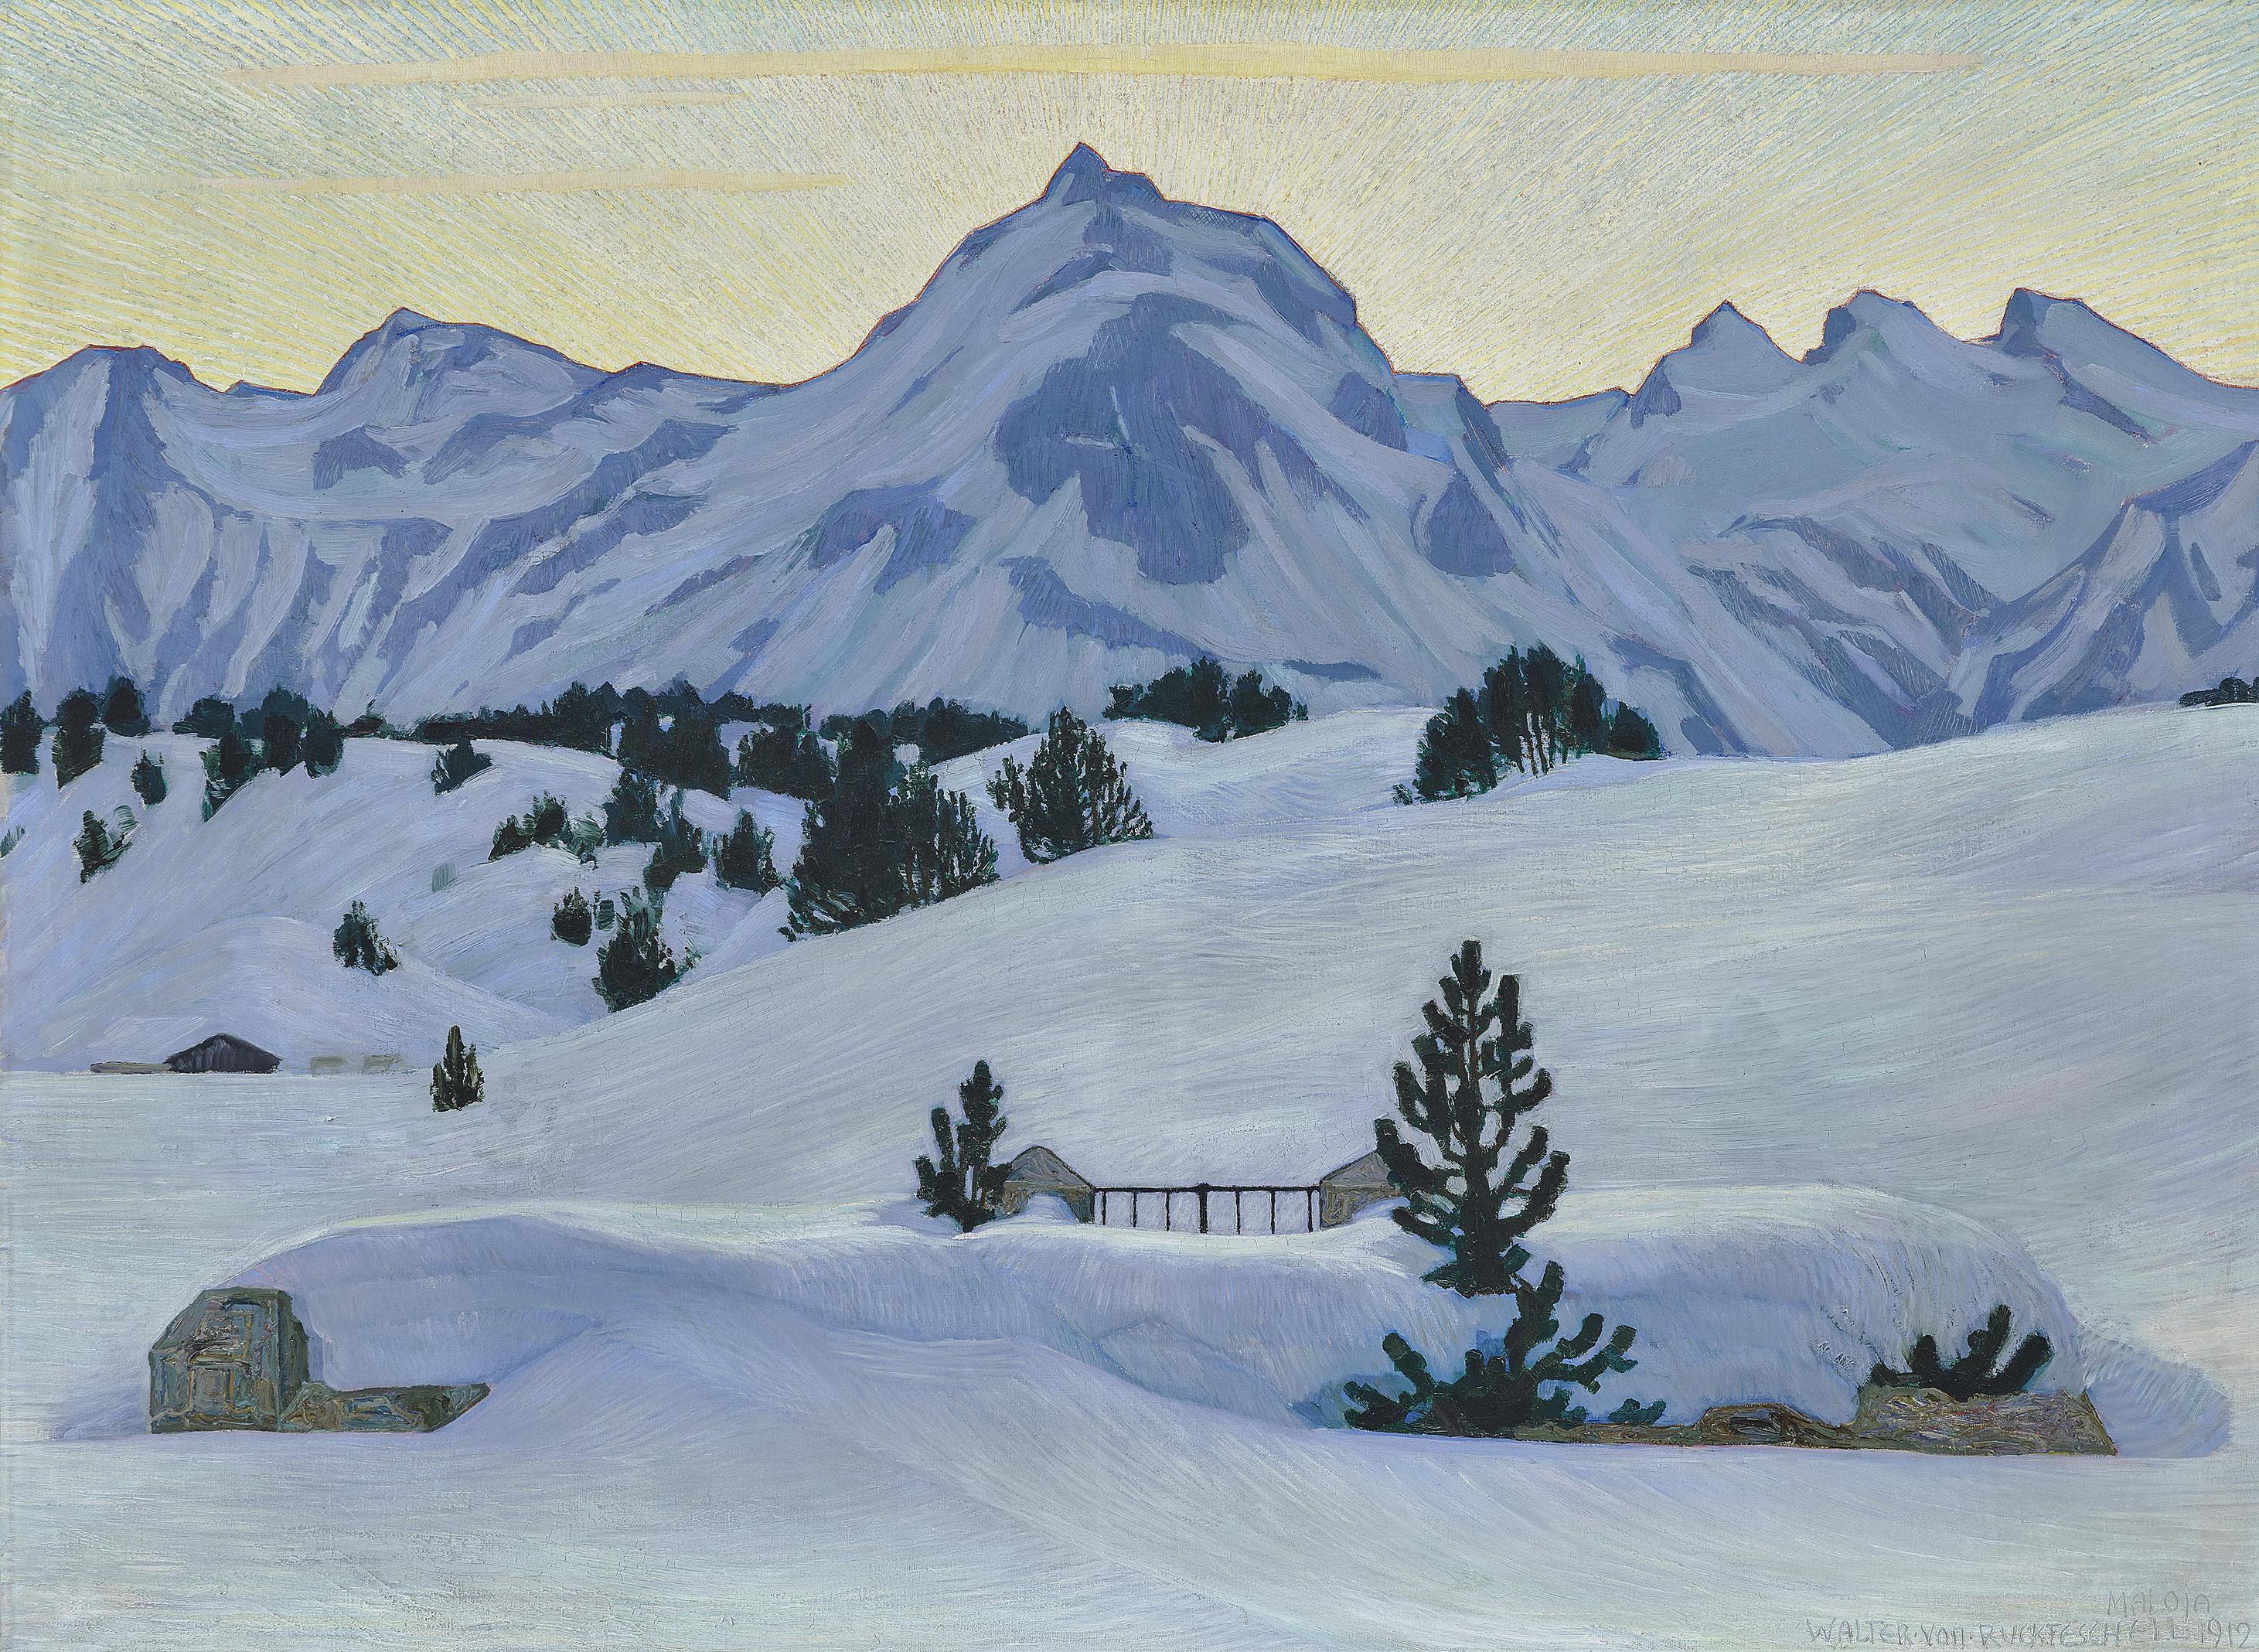 Walter Von Ruckteschell - Winterlandschaft Bei Maloja (Winter landscape near Maloja)-1912